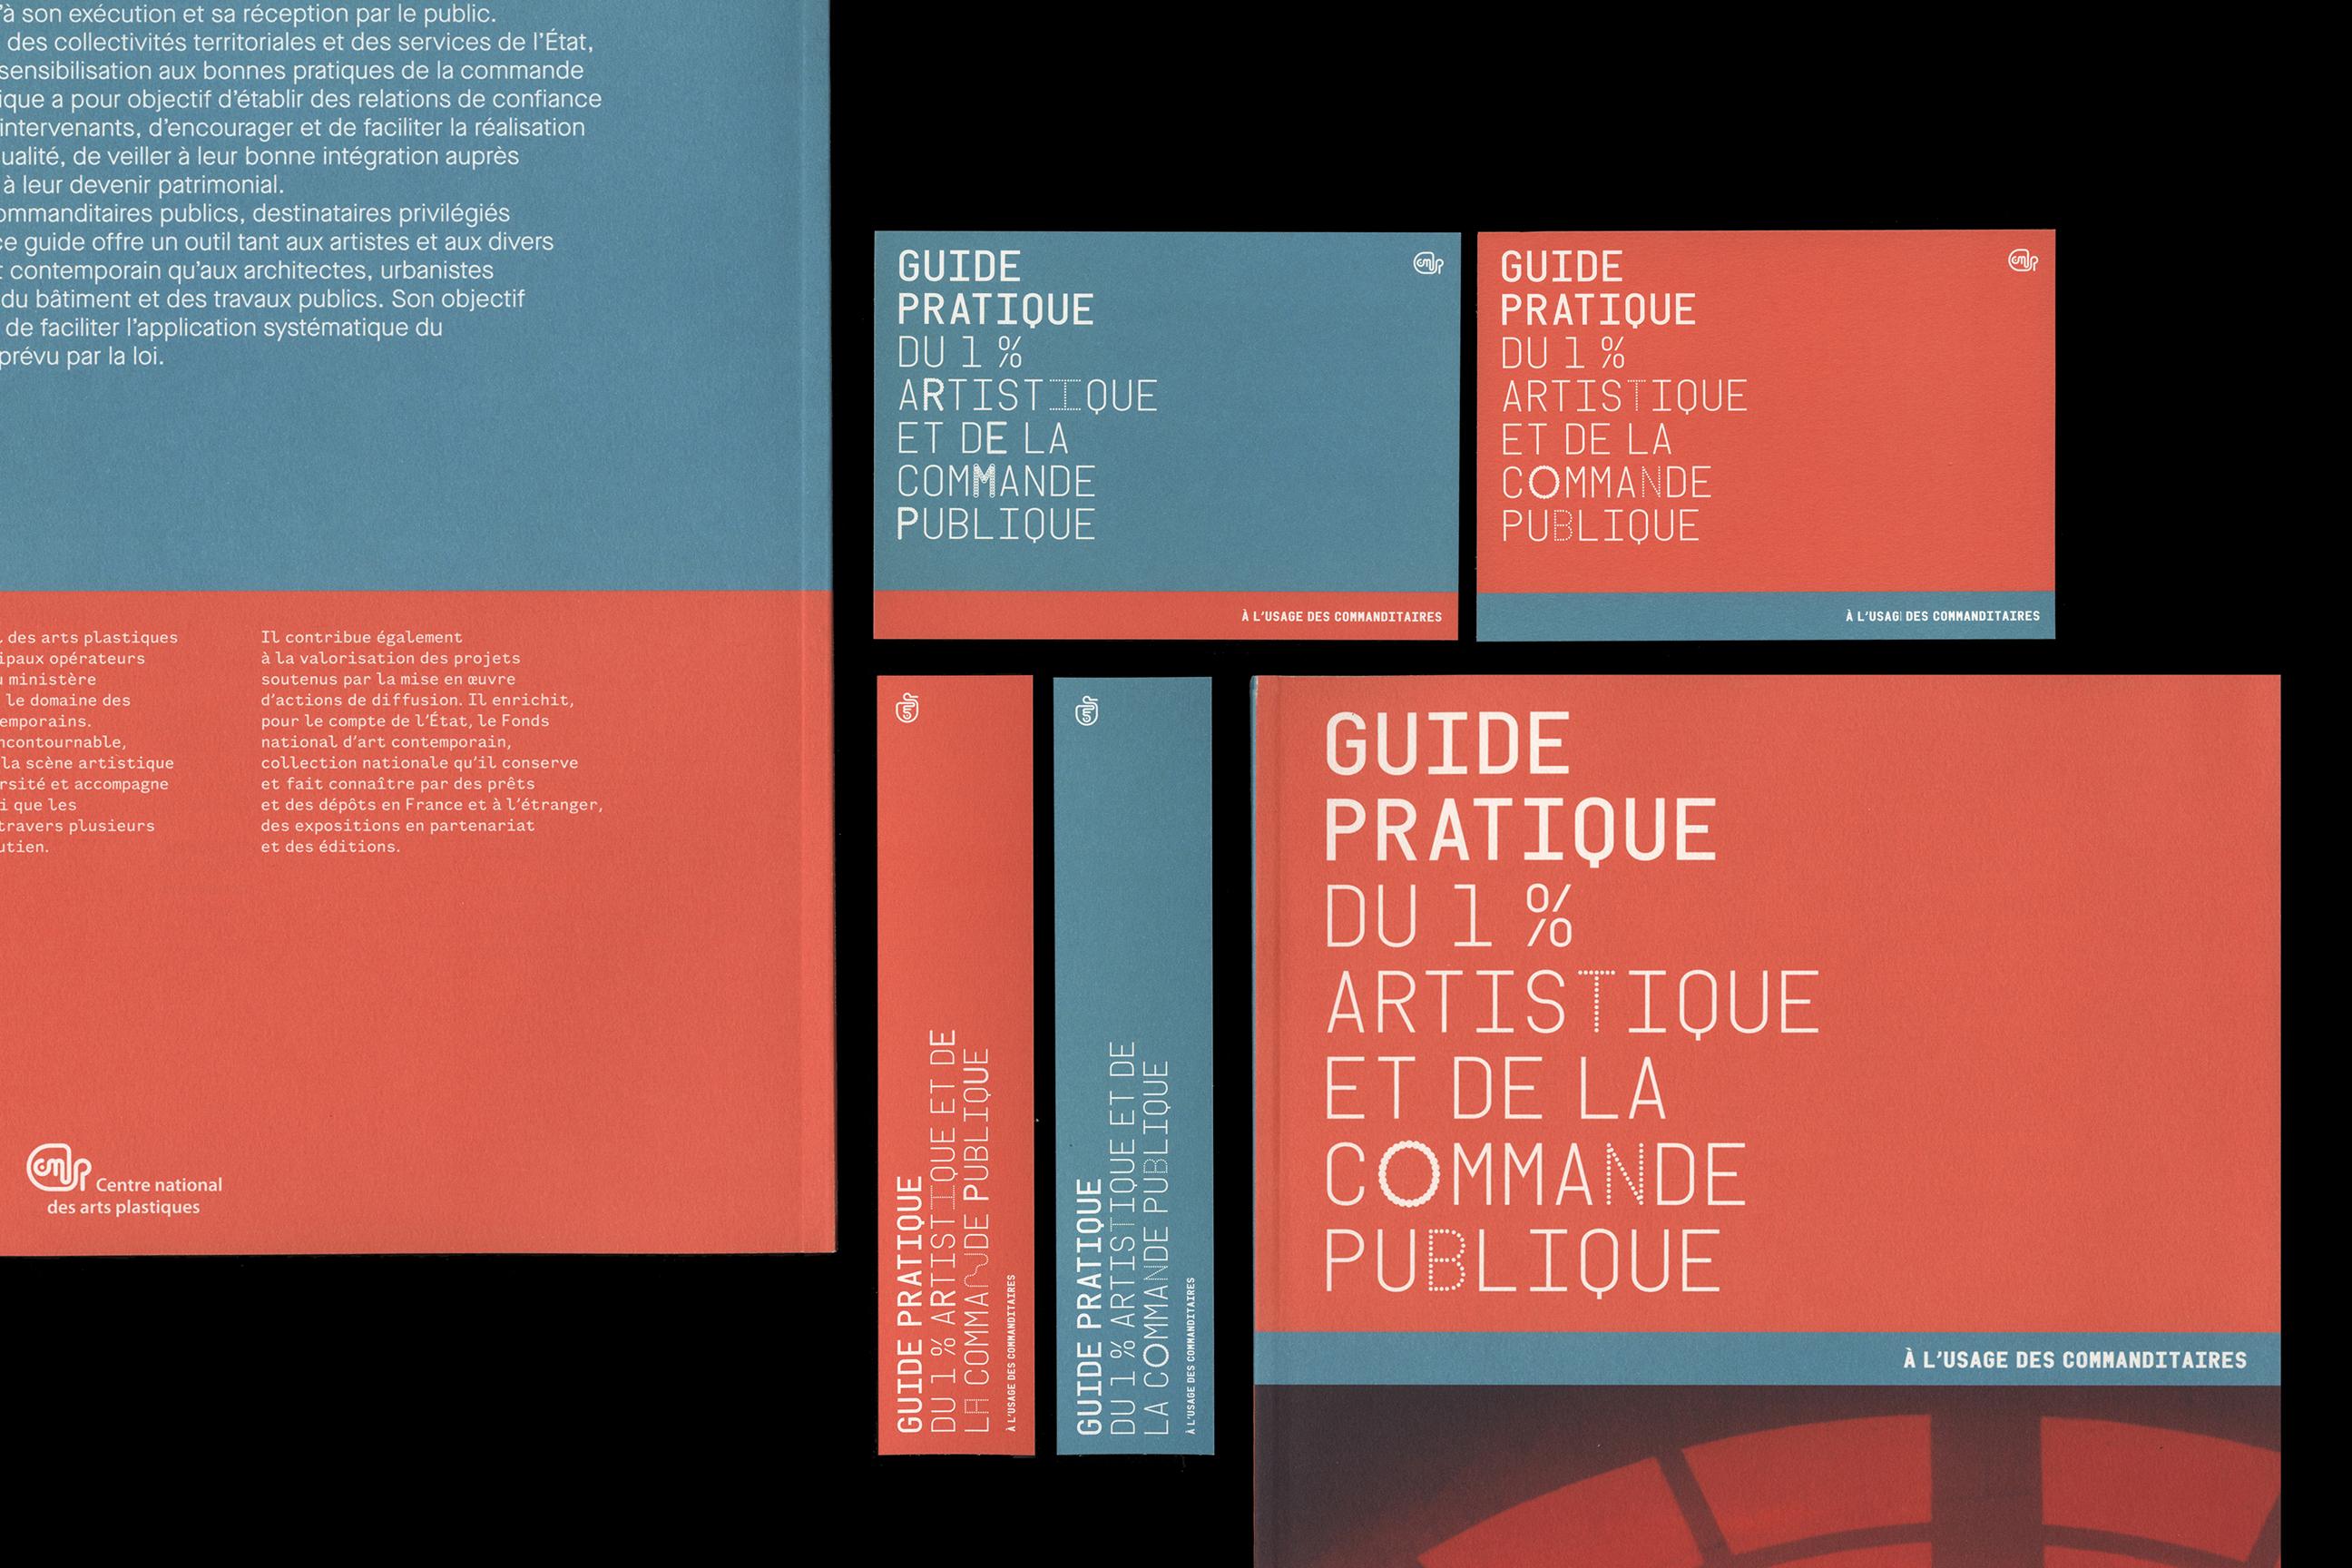 Guide pratique du 1 % artistique et de la commande publique